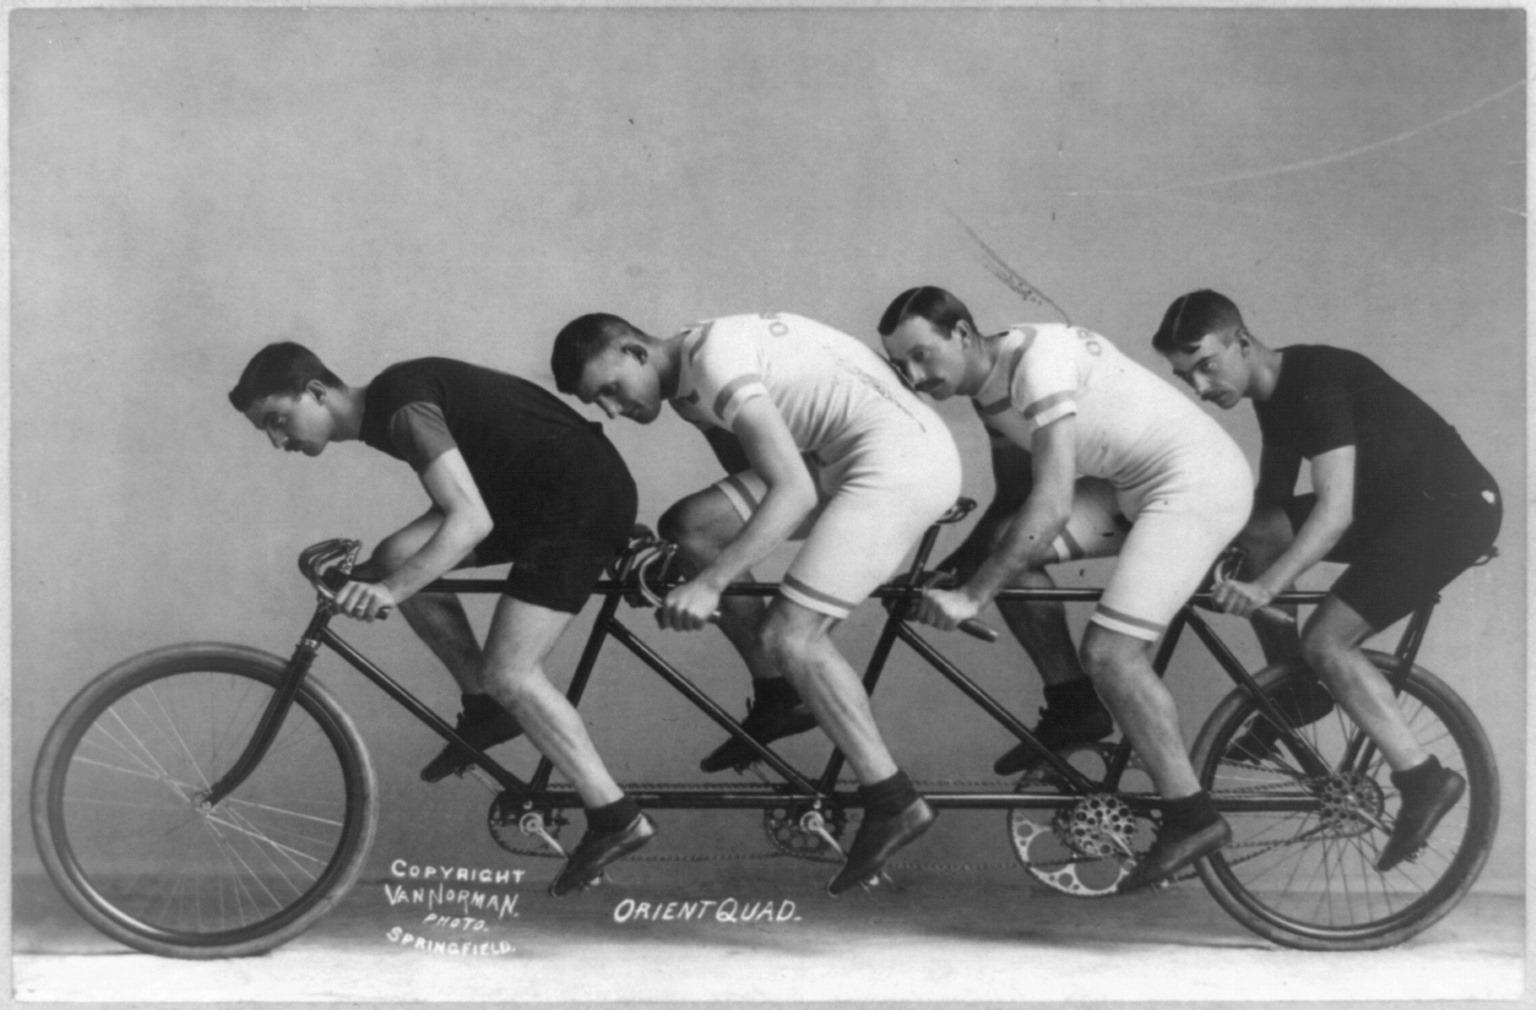 Na zdjęciu znajduje się czterech rowerzystów, na czteroosobowym rowerze.